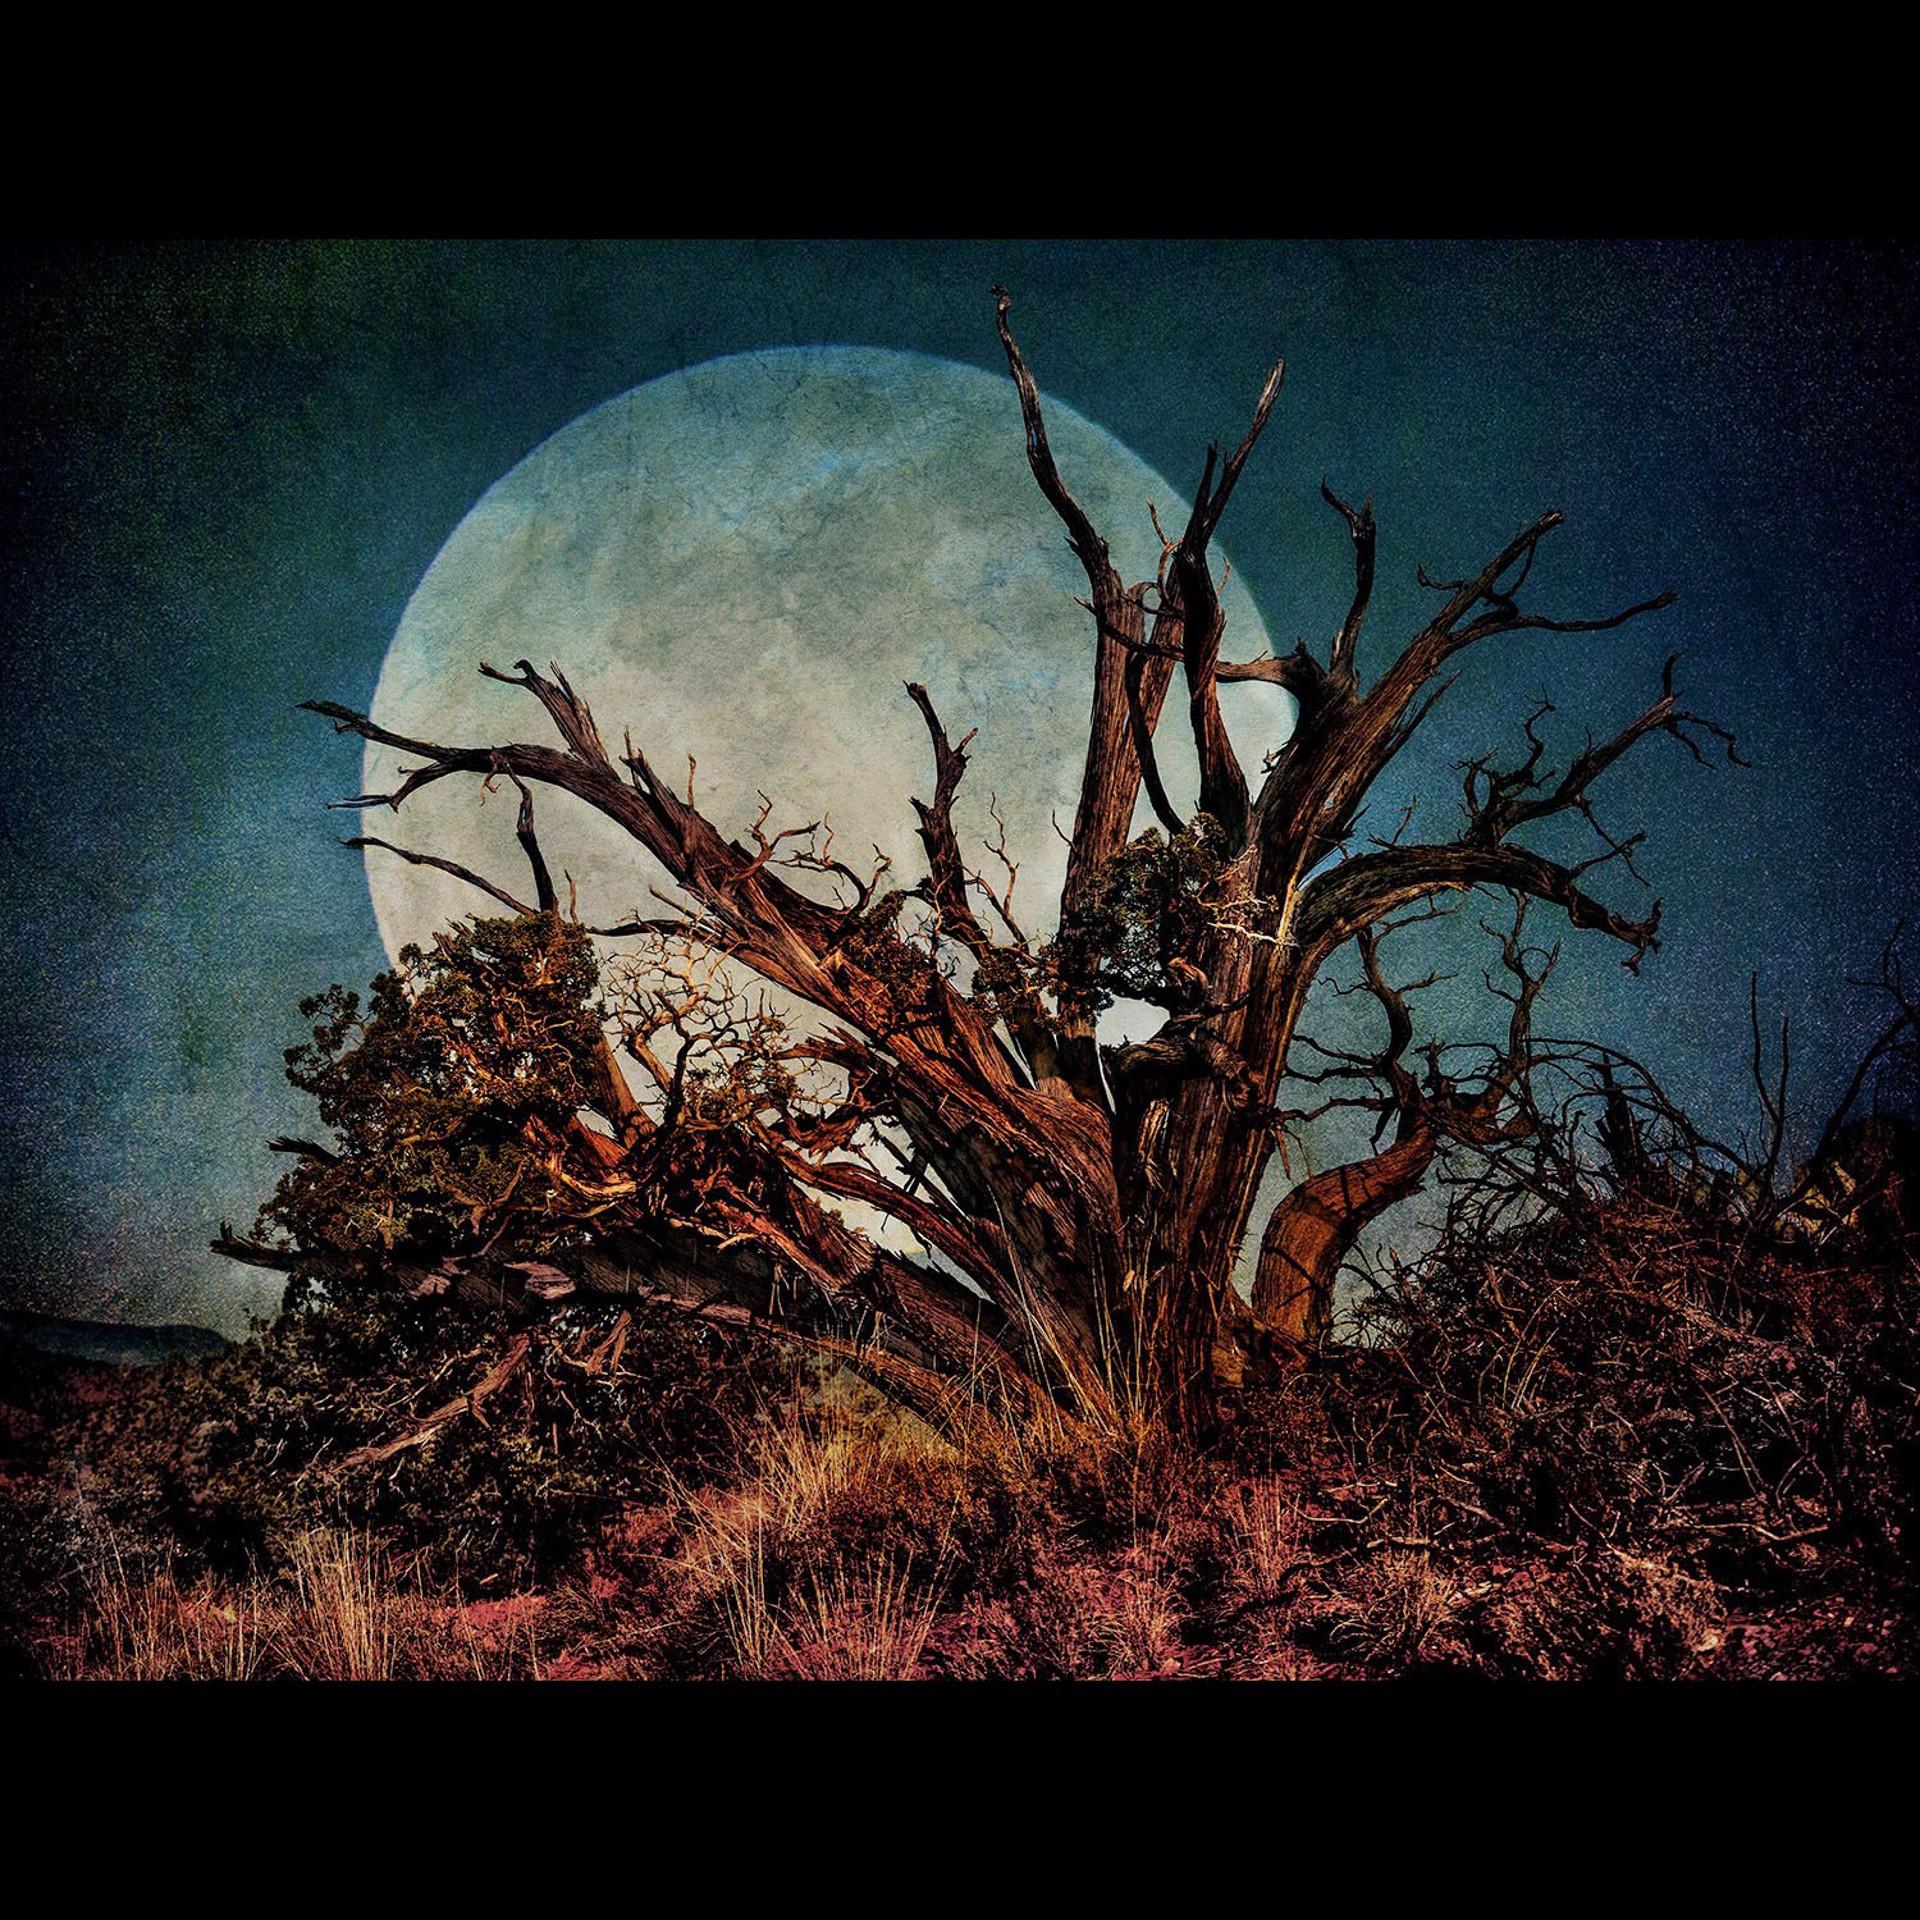 Juniper Moon by Bob Coates